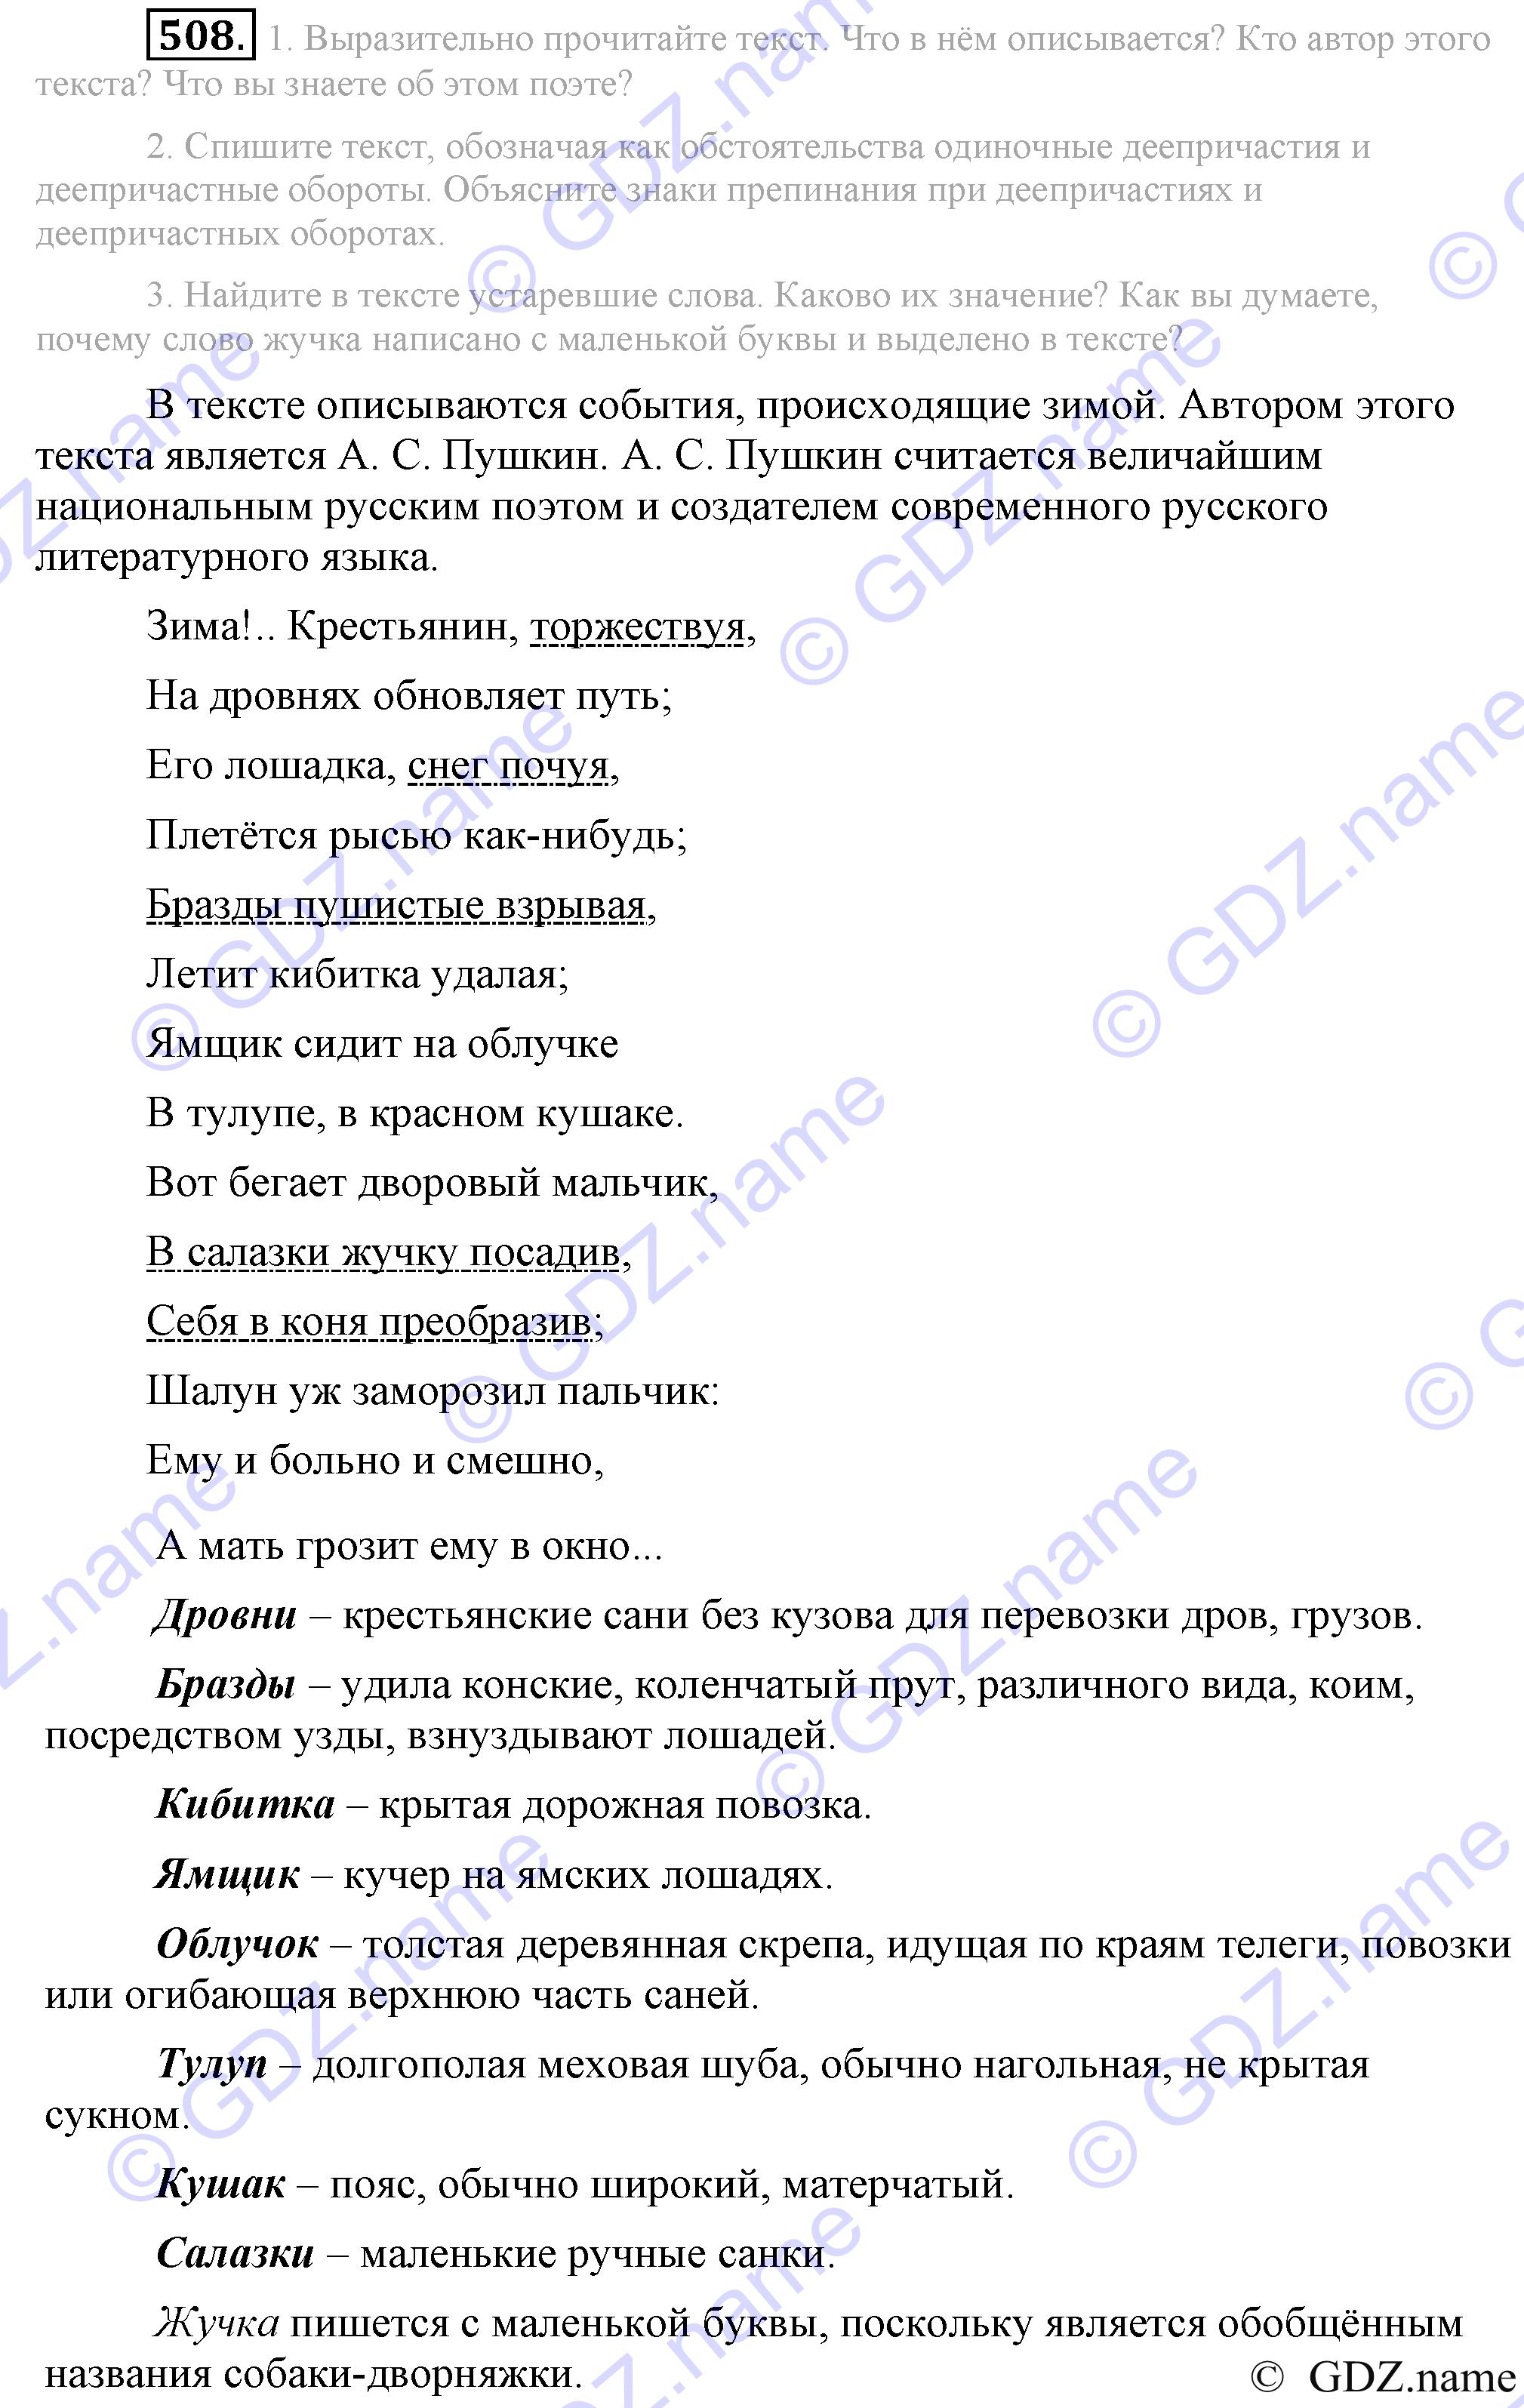 Домашняя работа по русскому 6 класс разумовская по новой схеме